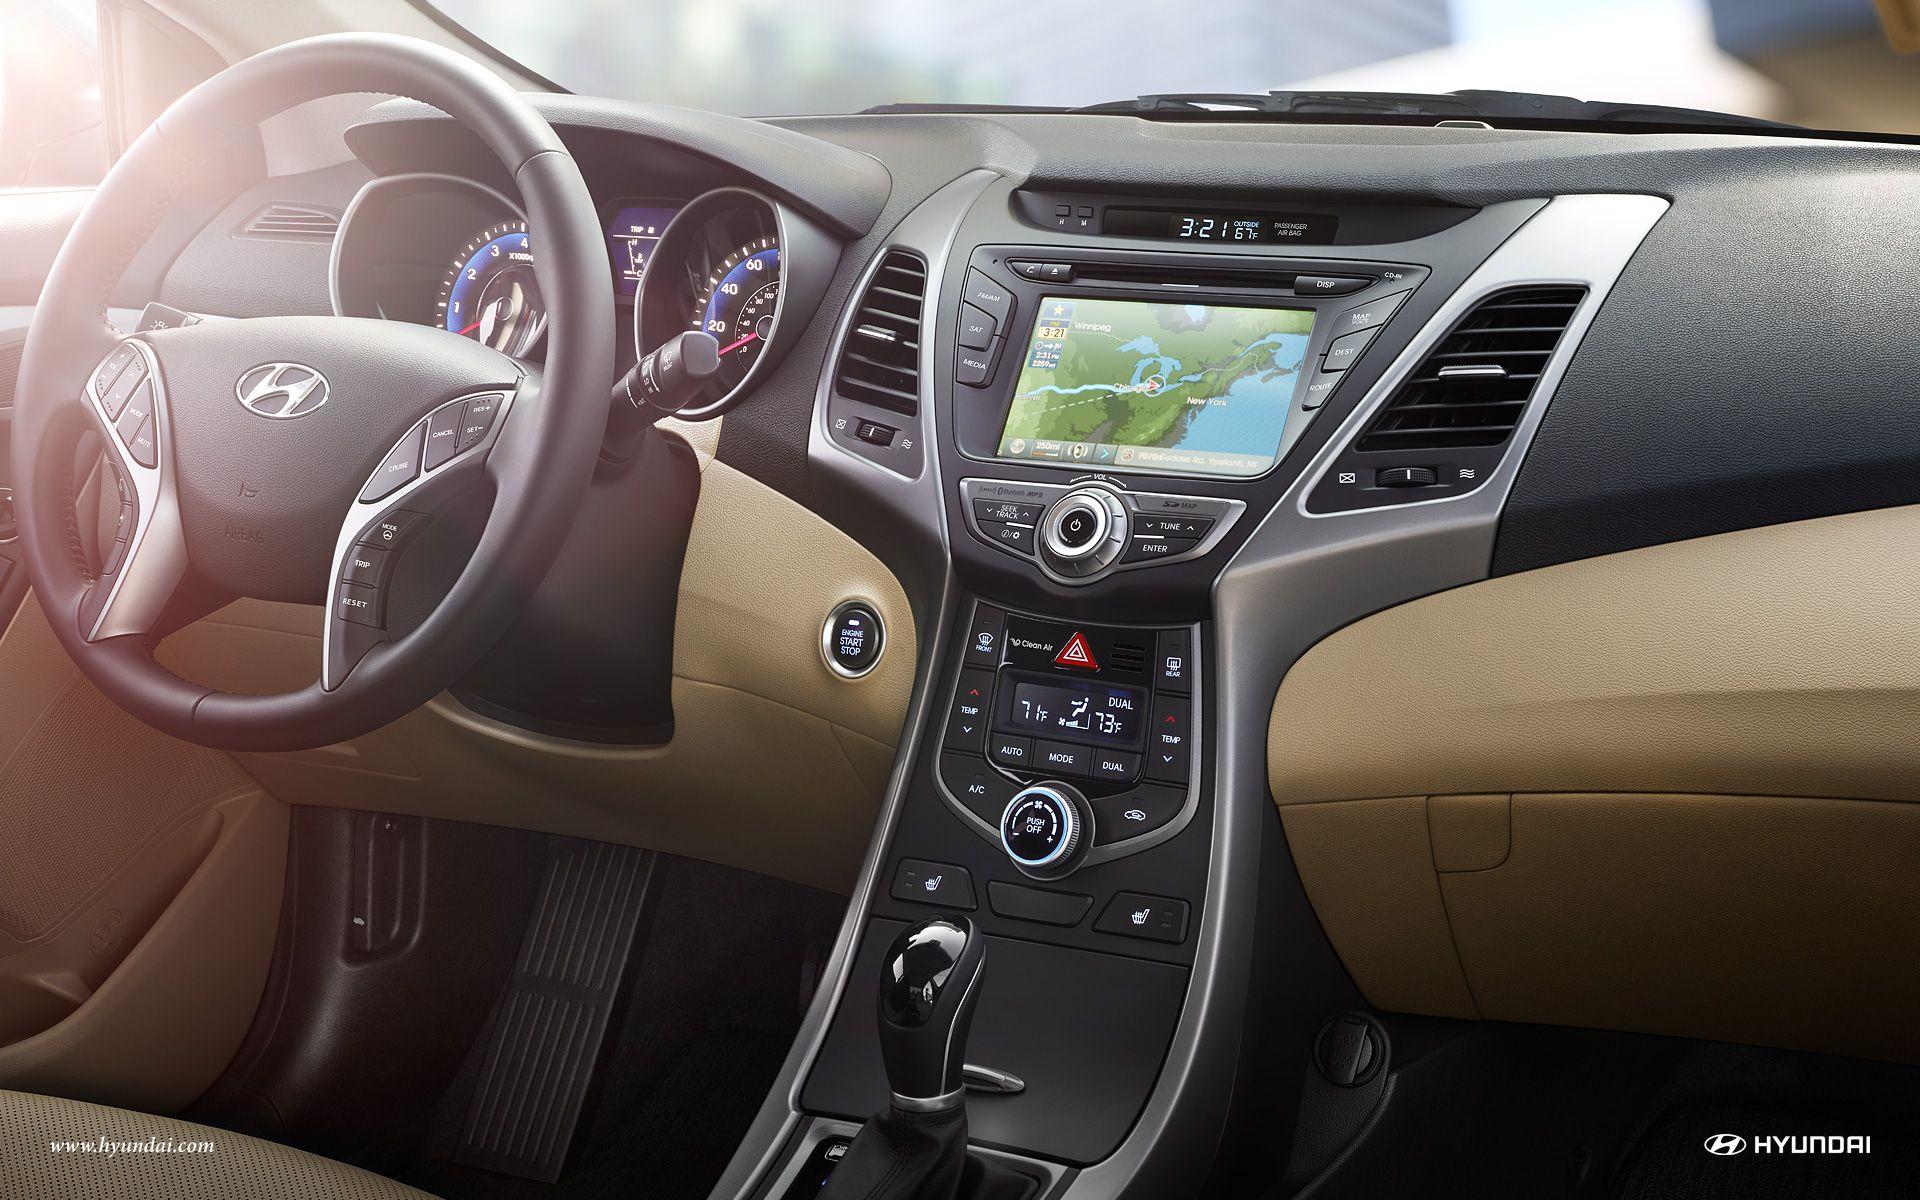 2015 Hyundai Elantra Interior 2 Jpg 1920 1200 Hyundai Hyundai Elantra Elantra